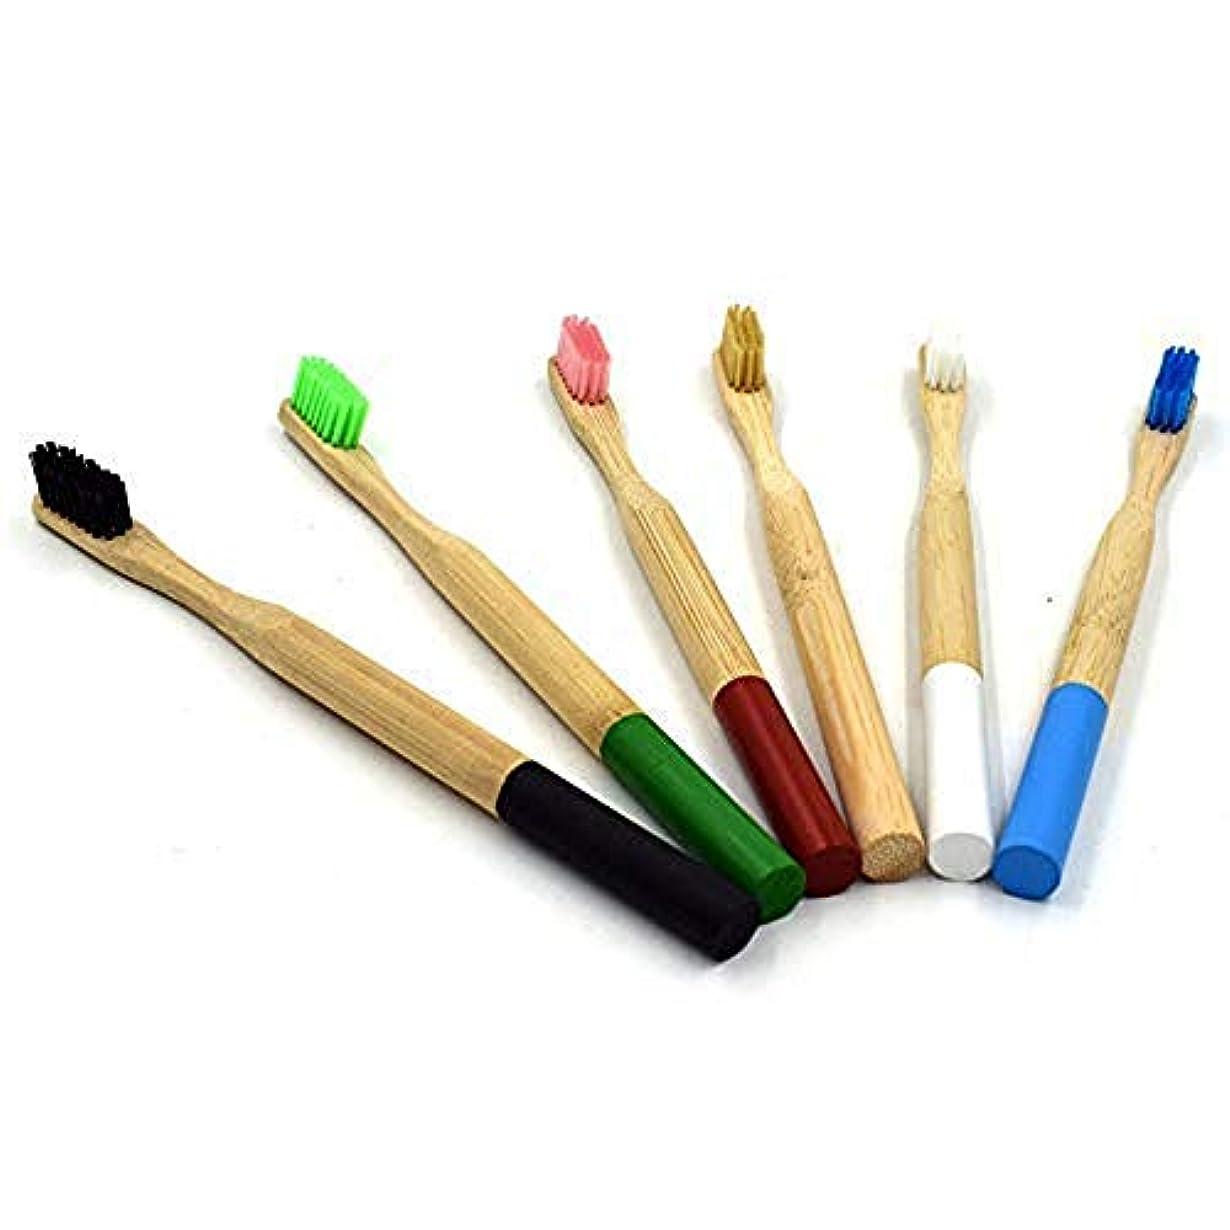 ブレス寛容遠足TAOVK 6pcs 柔らかい毛の木製の歯のブラシ竹のハンドルの歯科口腔ケアの歯ブラシ